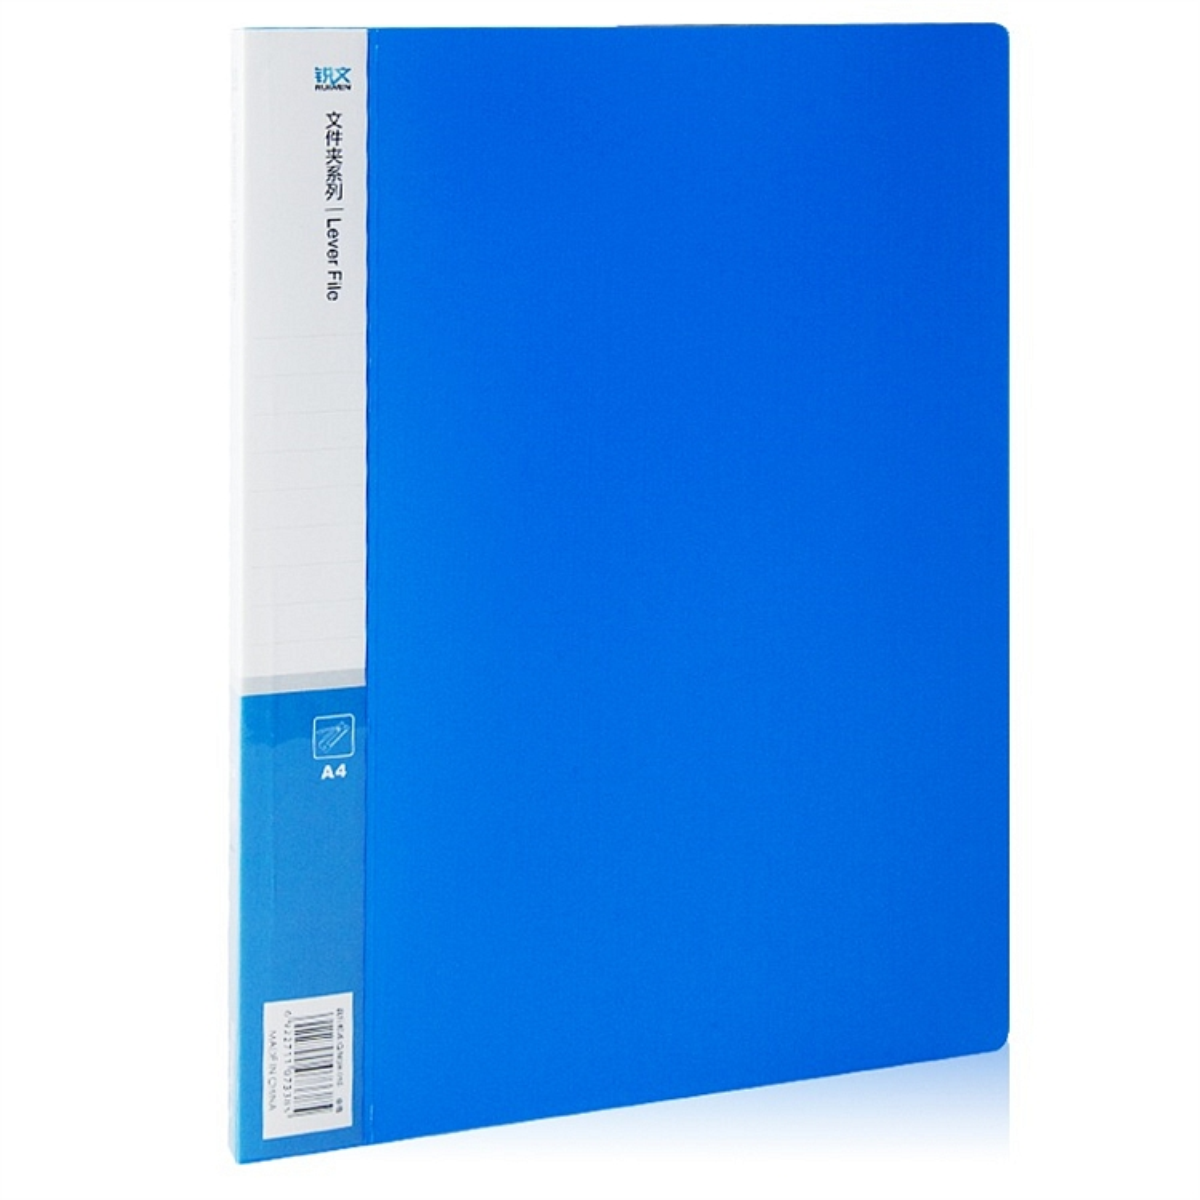 广博 A2082 双强力夹(锐文系列) A4 (单位:只) 蓝色